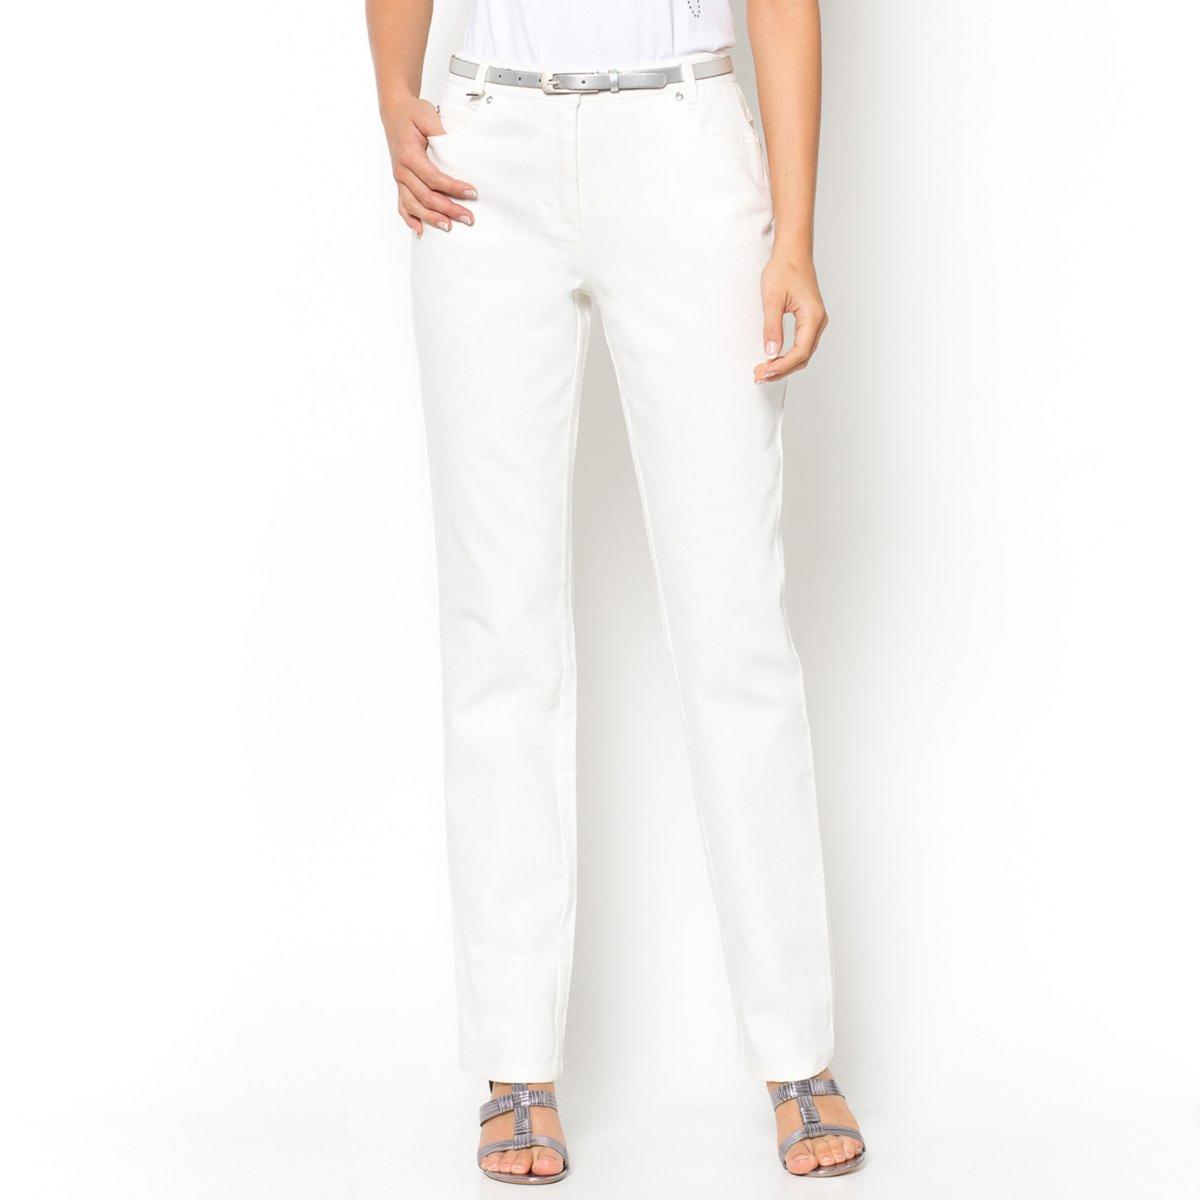 Jeans direitos, cintura descida